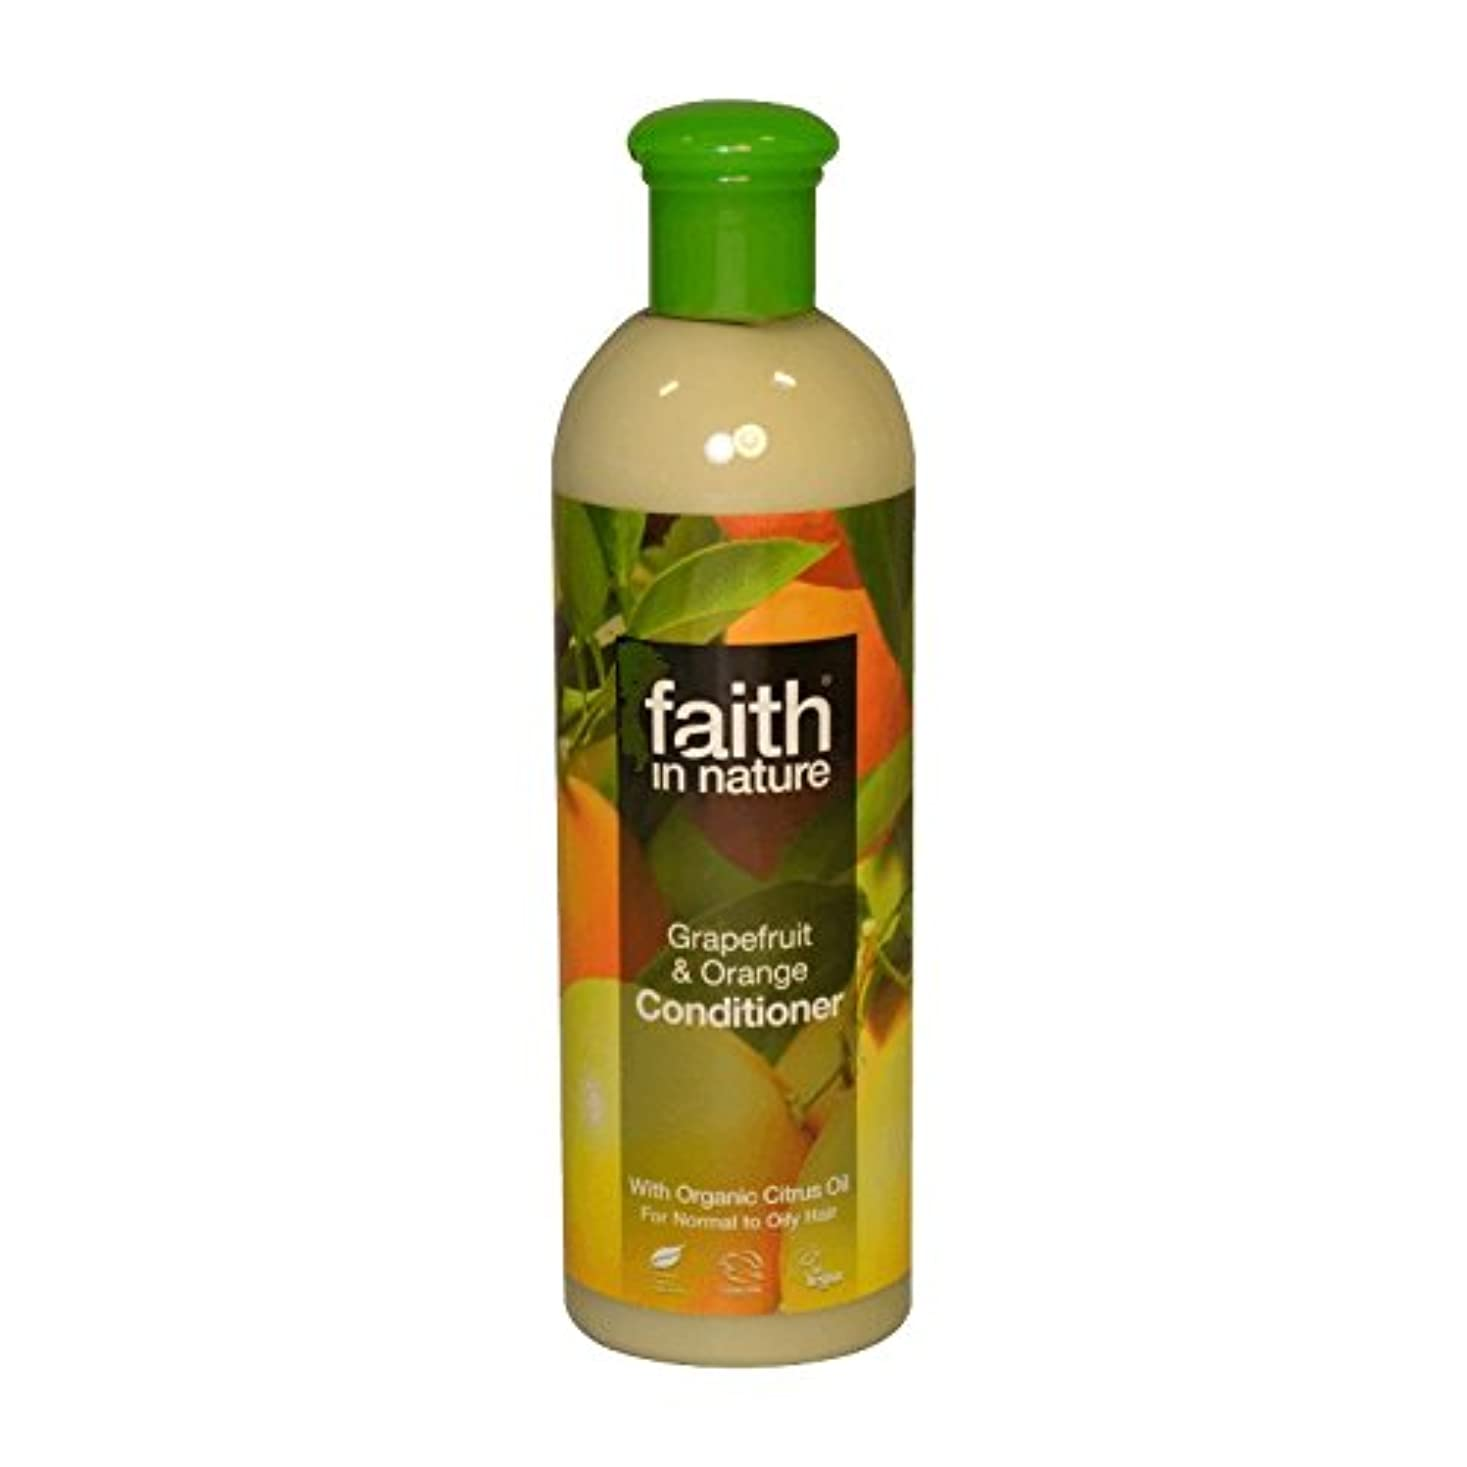 土生き返らせる侮辱Faith in Nature Grapefruit & Orange Conditioner 400ml (Pack of 6) - 自然グレープフルーツ&オレンジコンディショナー400ミリリットルの信仰 (x6) [...